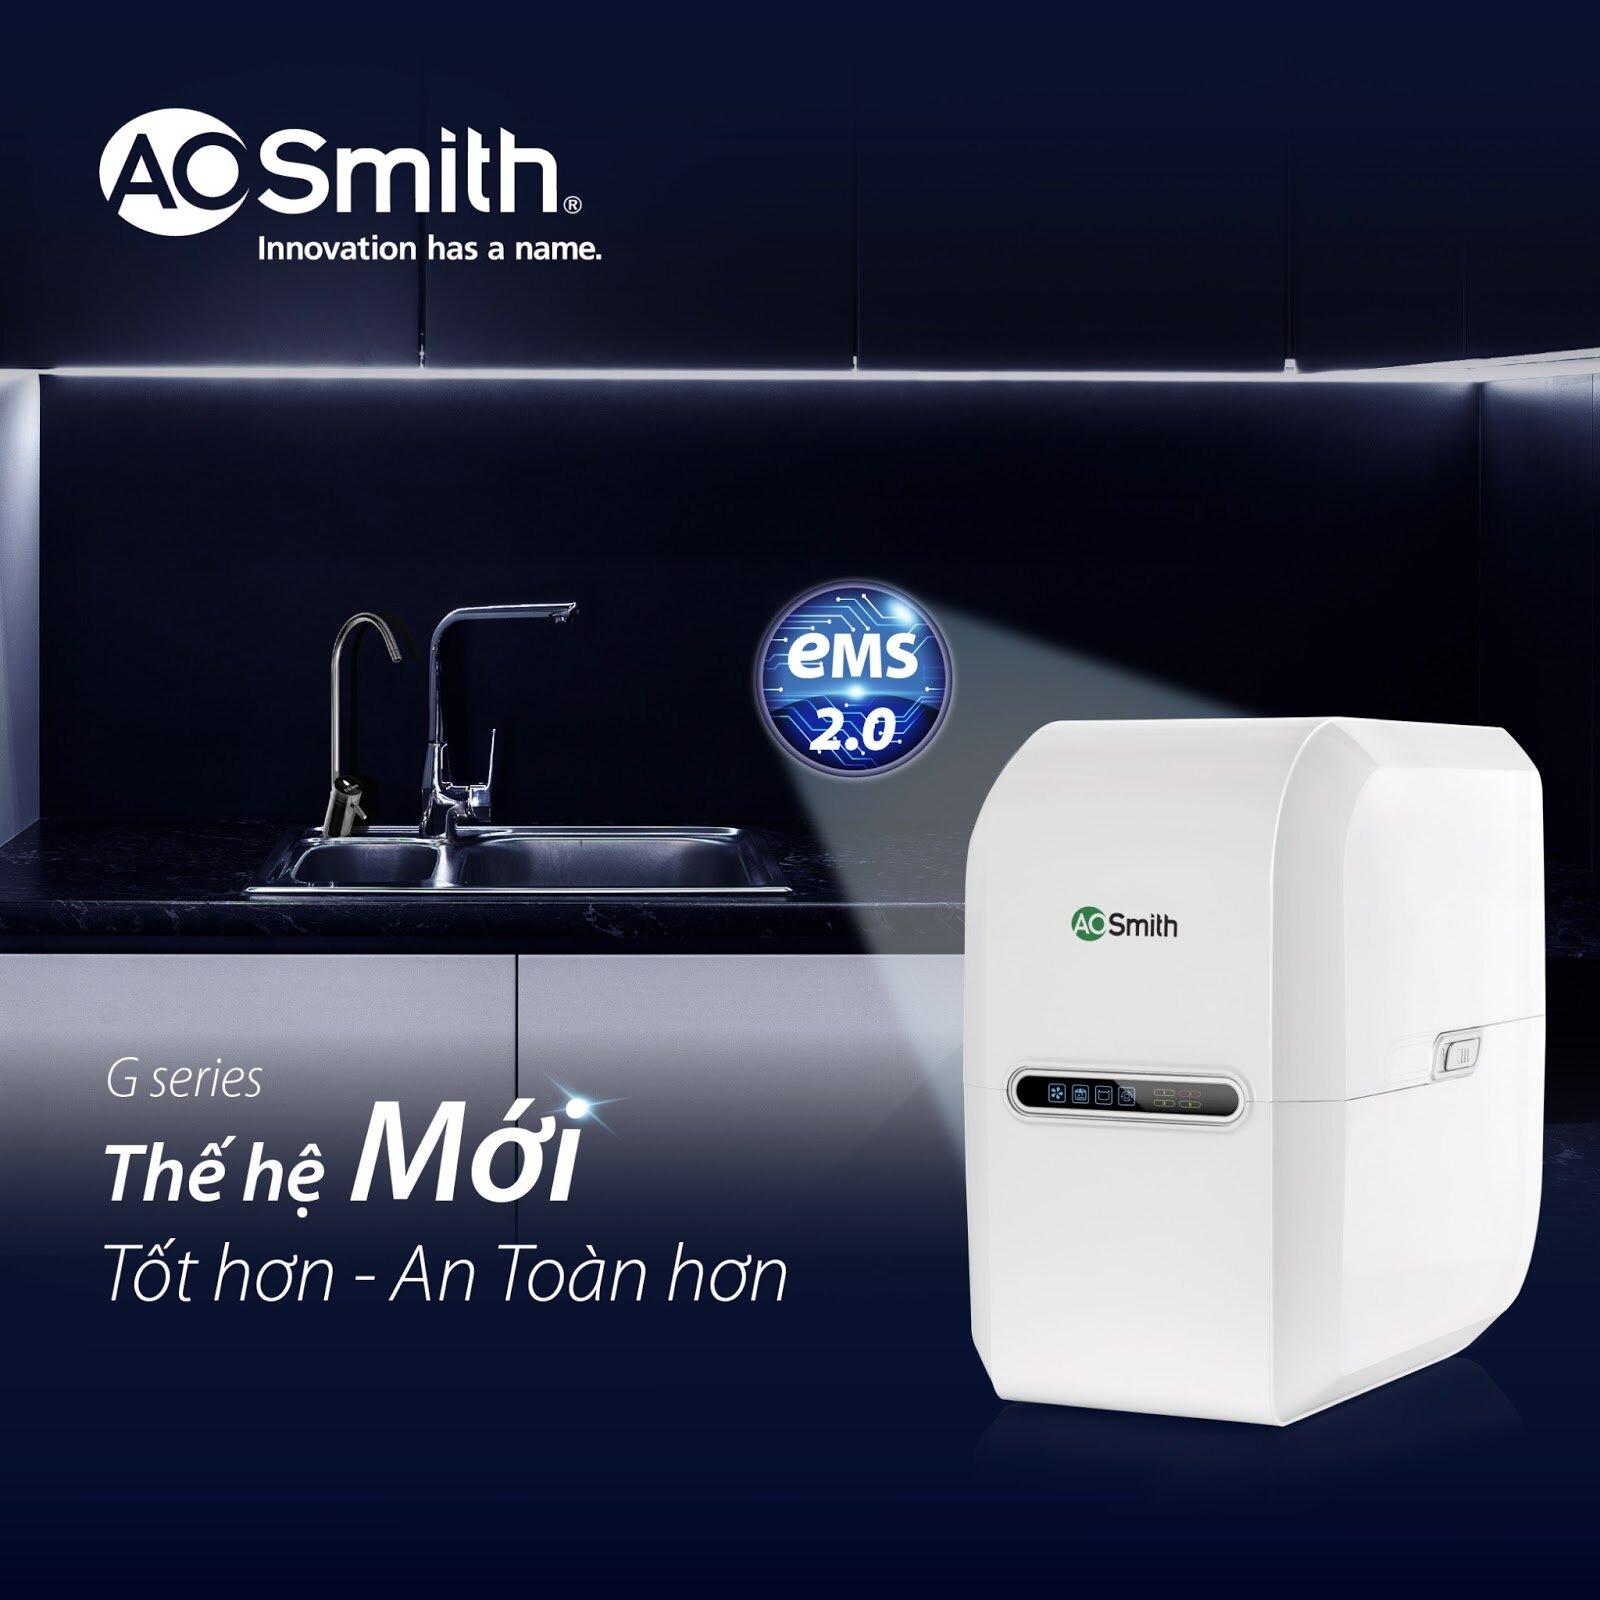 Máy lọc nước A. O. Smith G2 sở hữu nhiều tính năng ưu việt